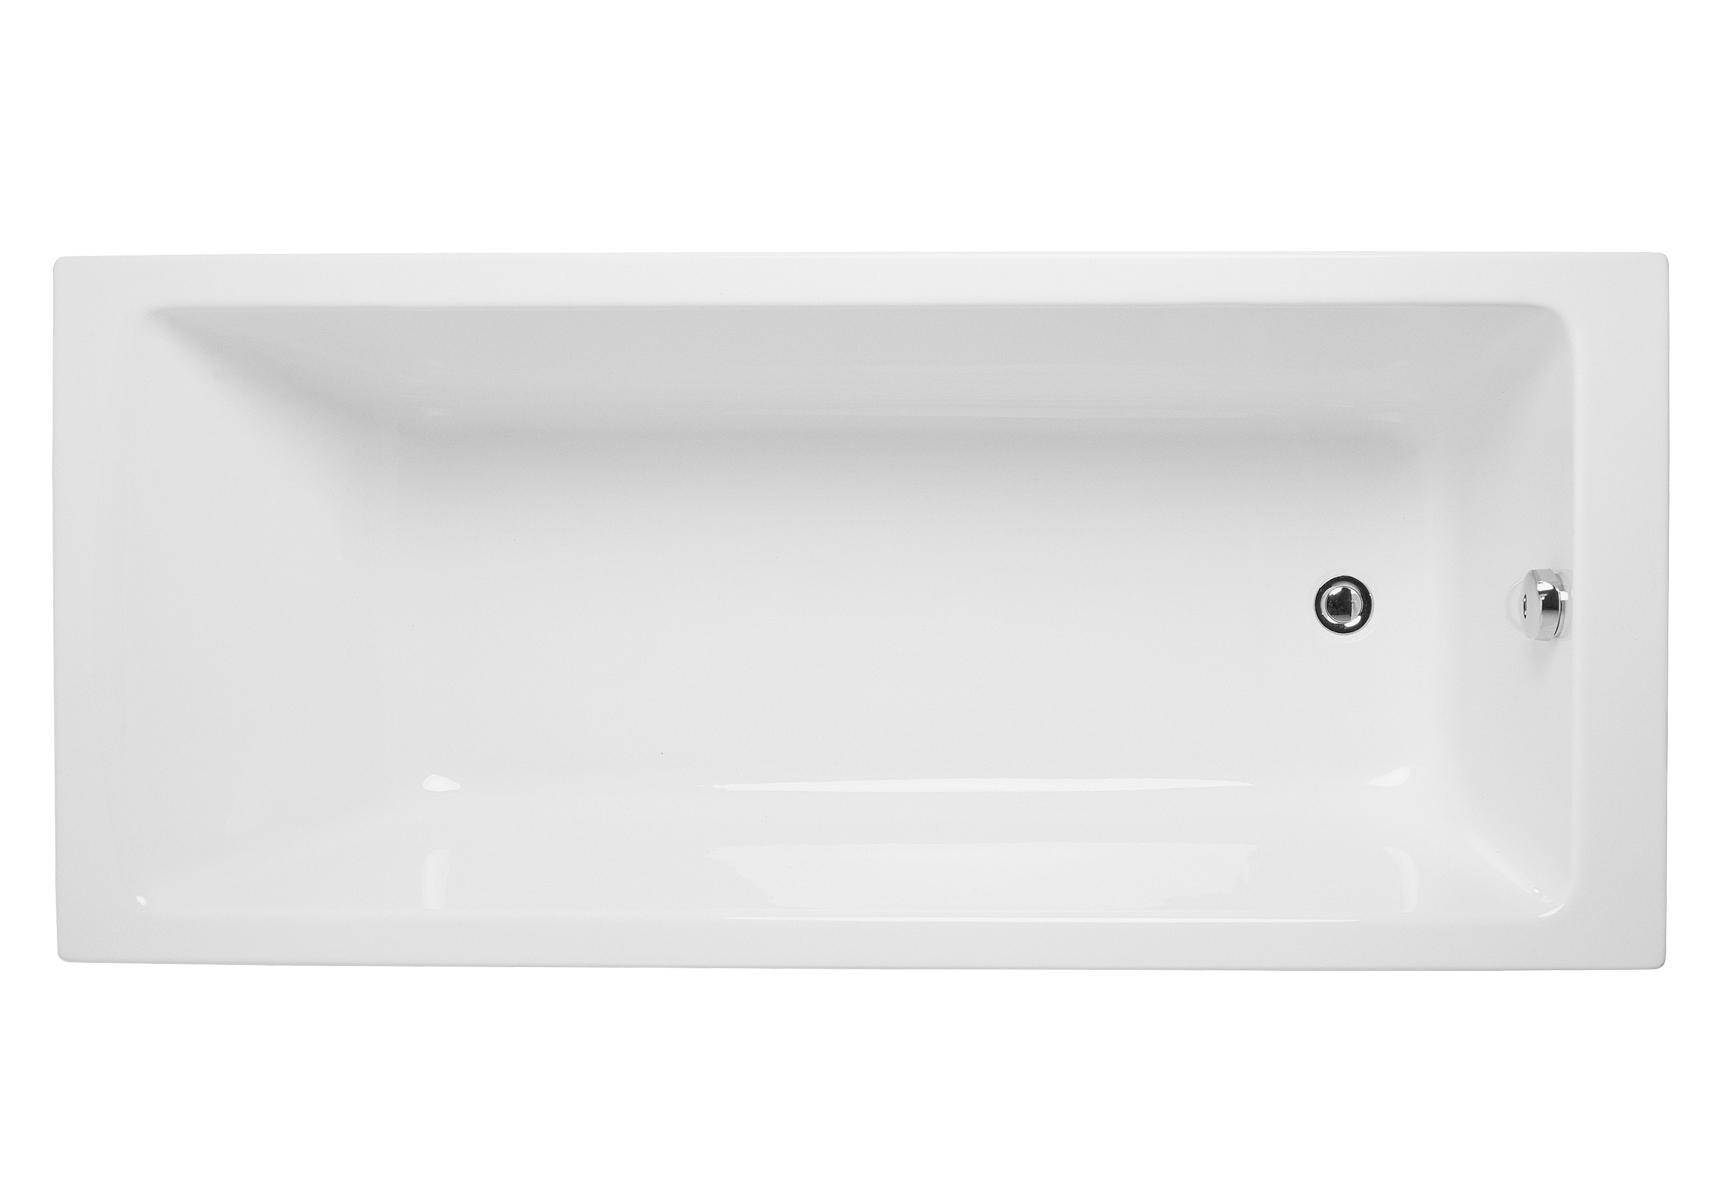 Integra baignoire ergonomique rectangulaire en acrylique 4 mm, 170  x  75 cm